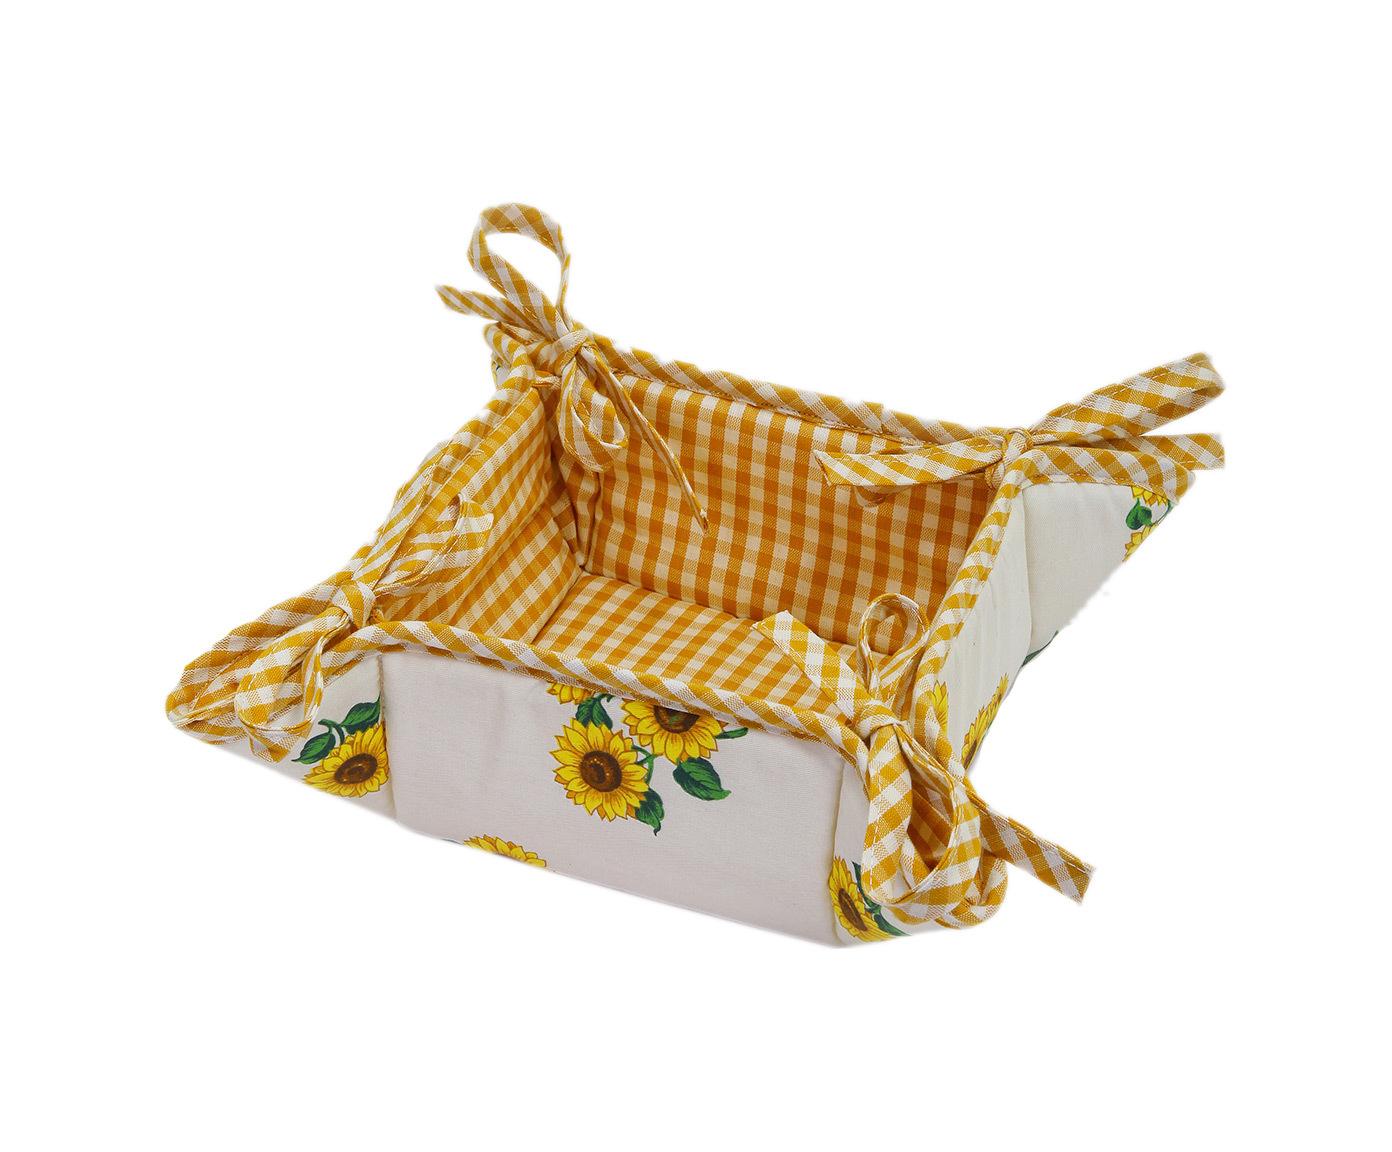 Хлебницы Хлебница 17х17 Old Florence Girasoli желтая hlebnitsa-girasoli-zheltaya-ot-old-florence-italiya.jpg